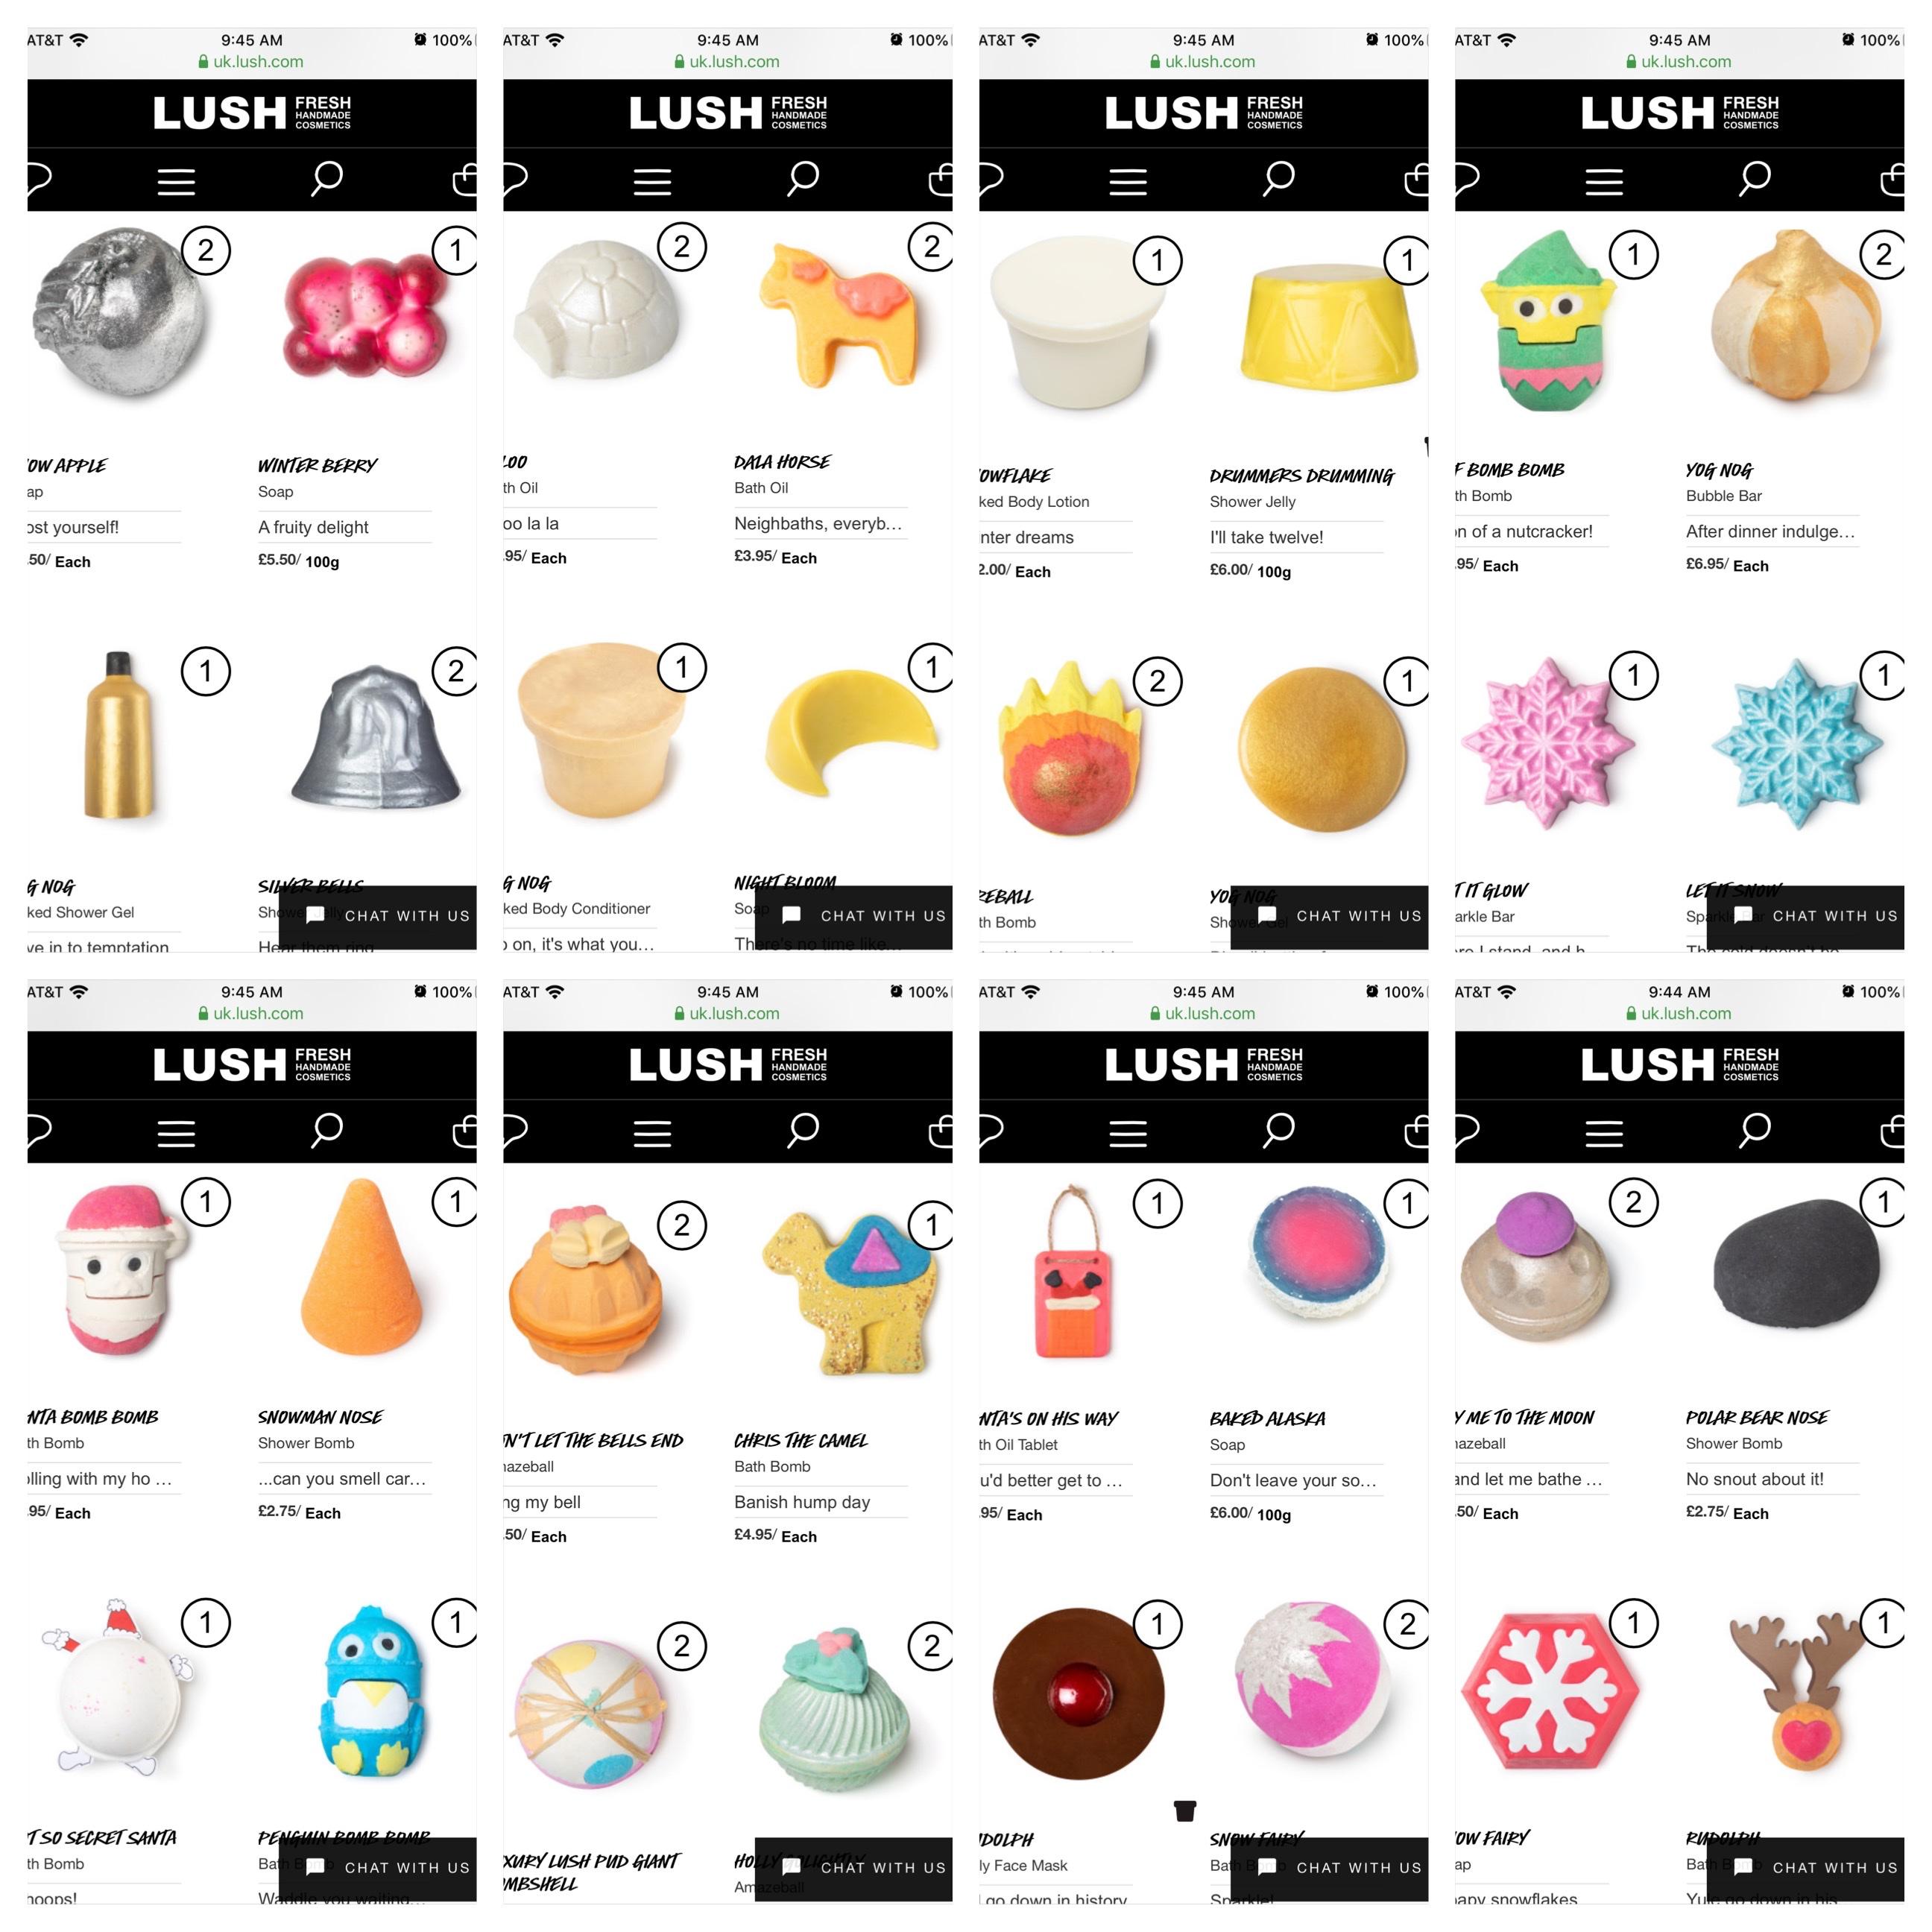 Lush Christmas 2020 Lush Christmas and Halloween Holiday 2019 products! | Lush